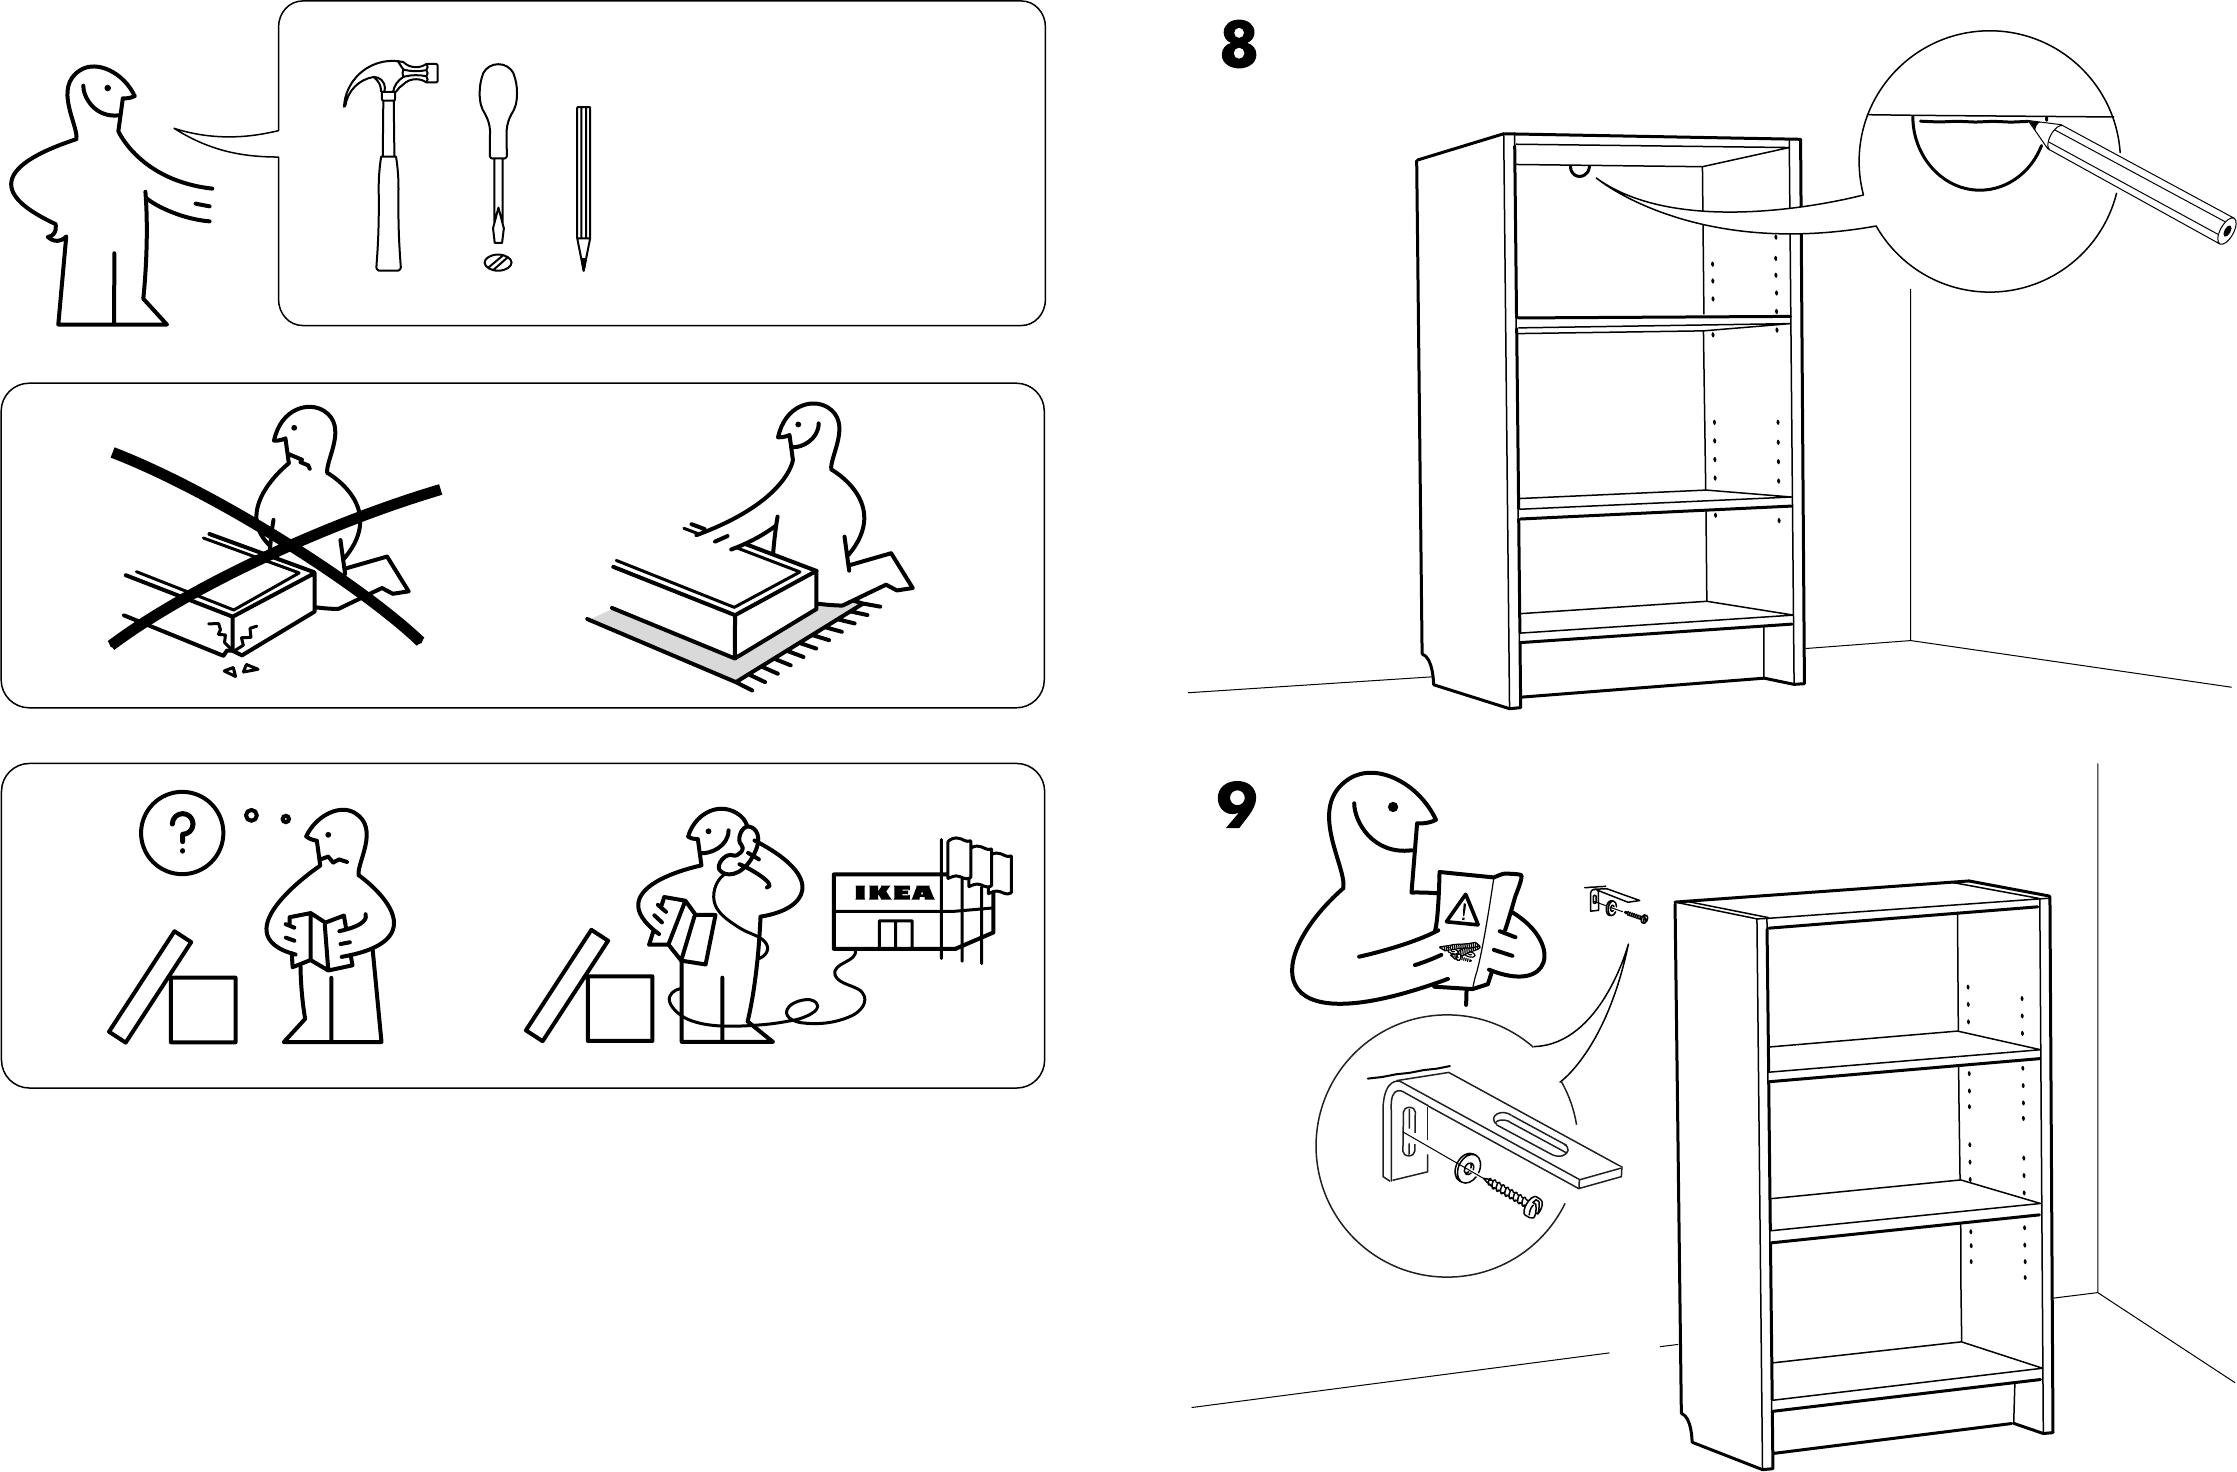 Bedienungsanleitung Ikea Billy boekenkast (Seite 3 von 4) (Dänisch ...